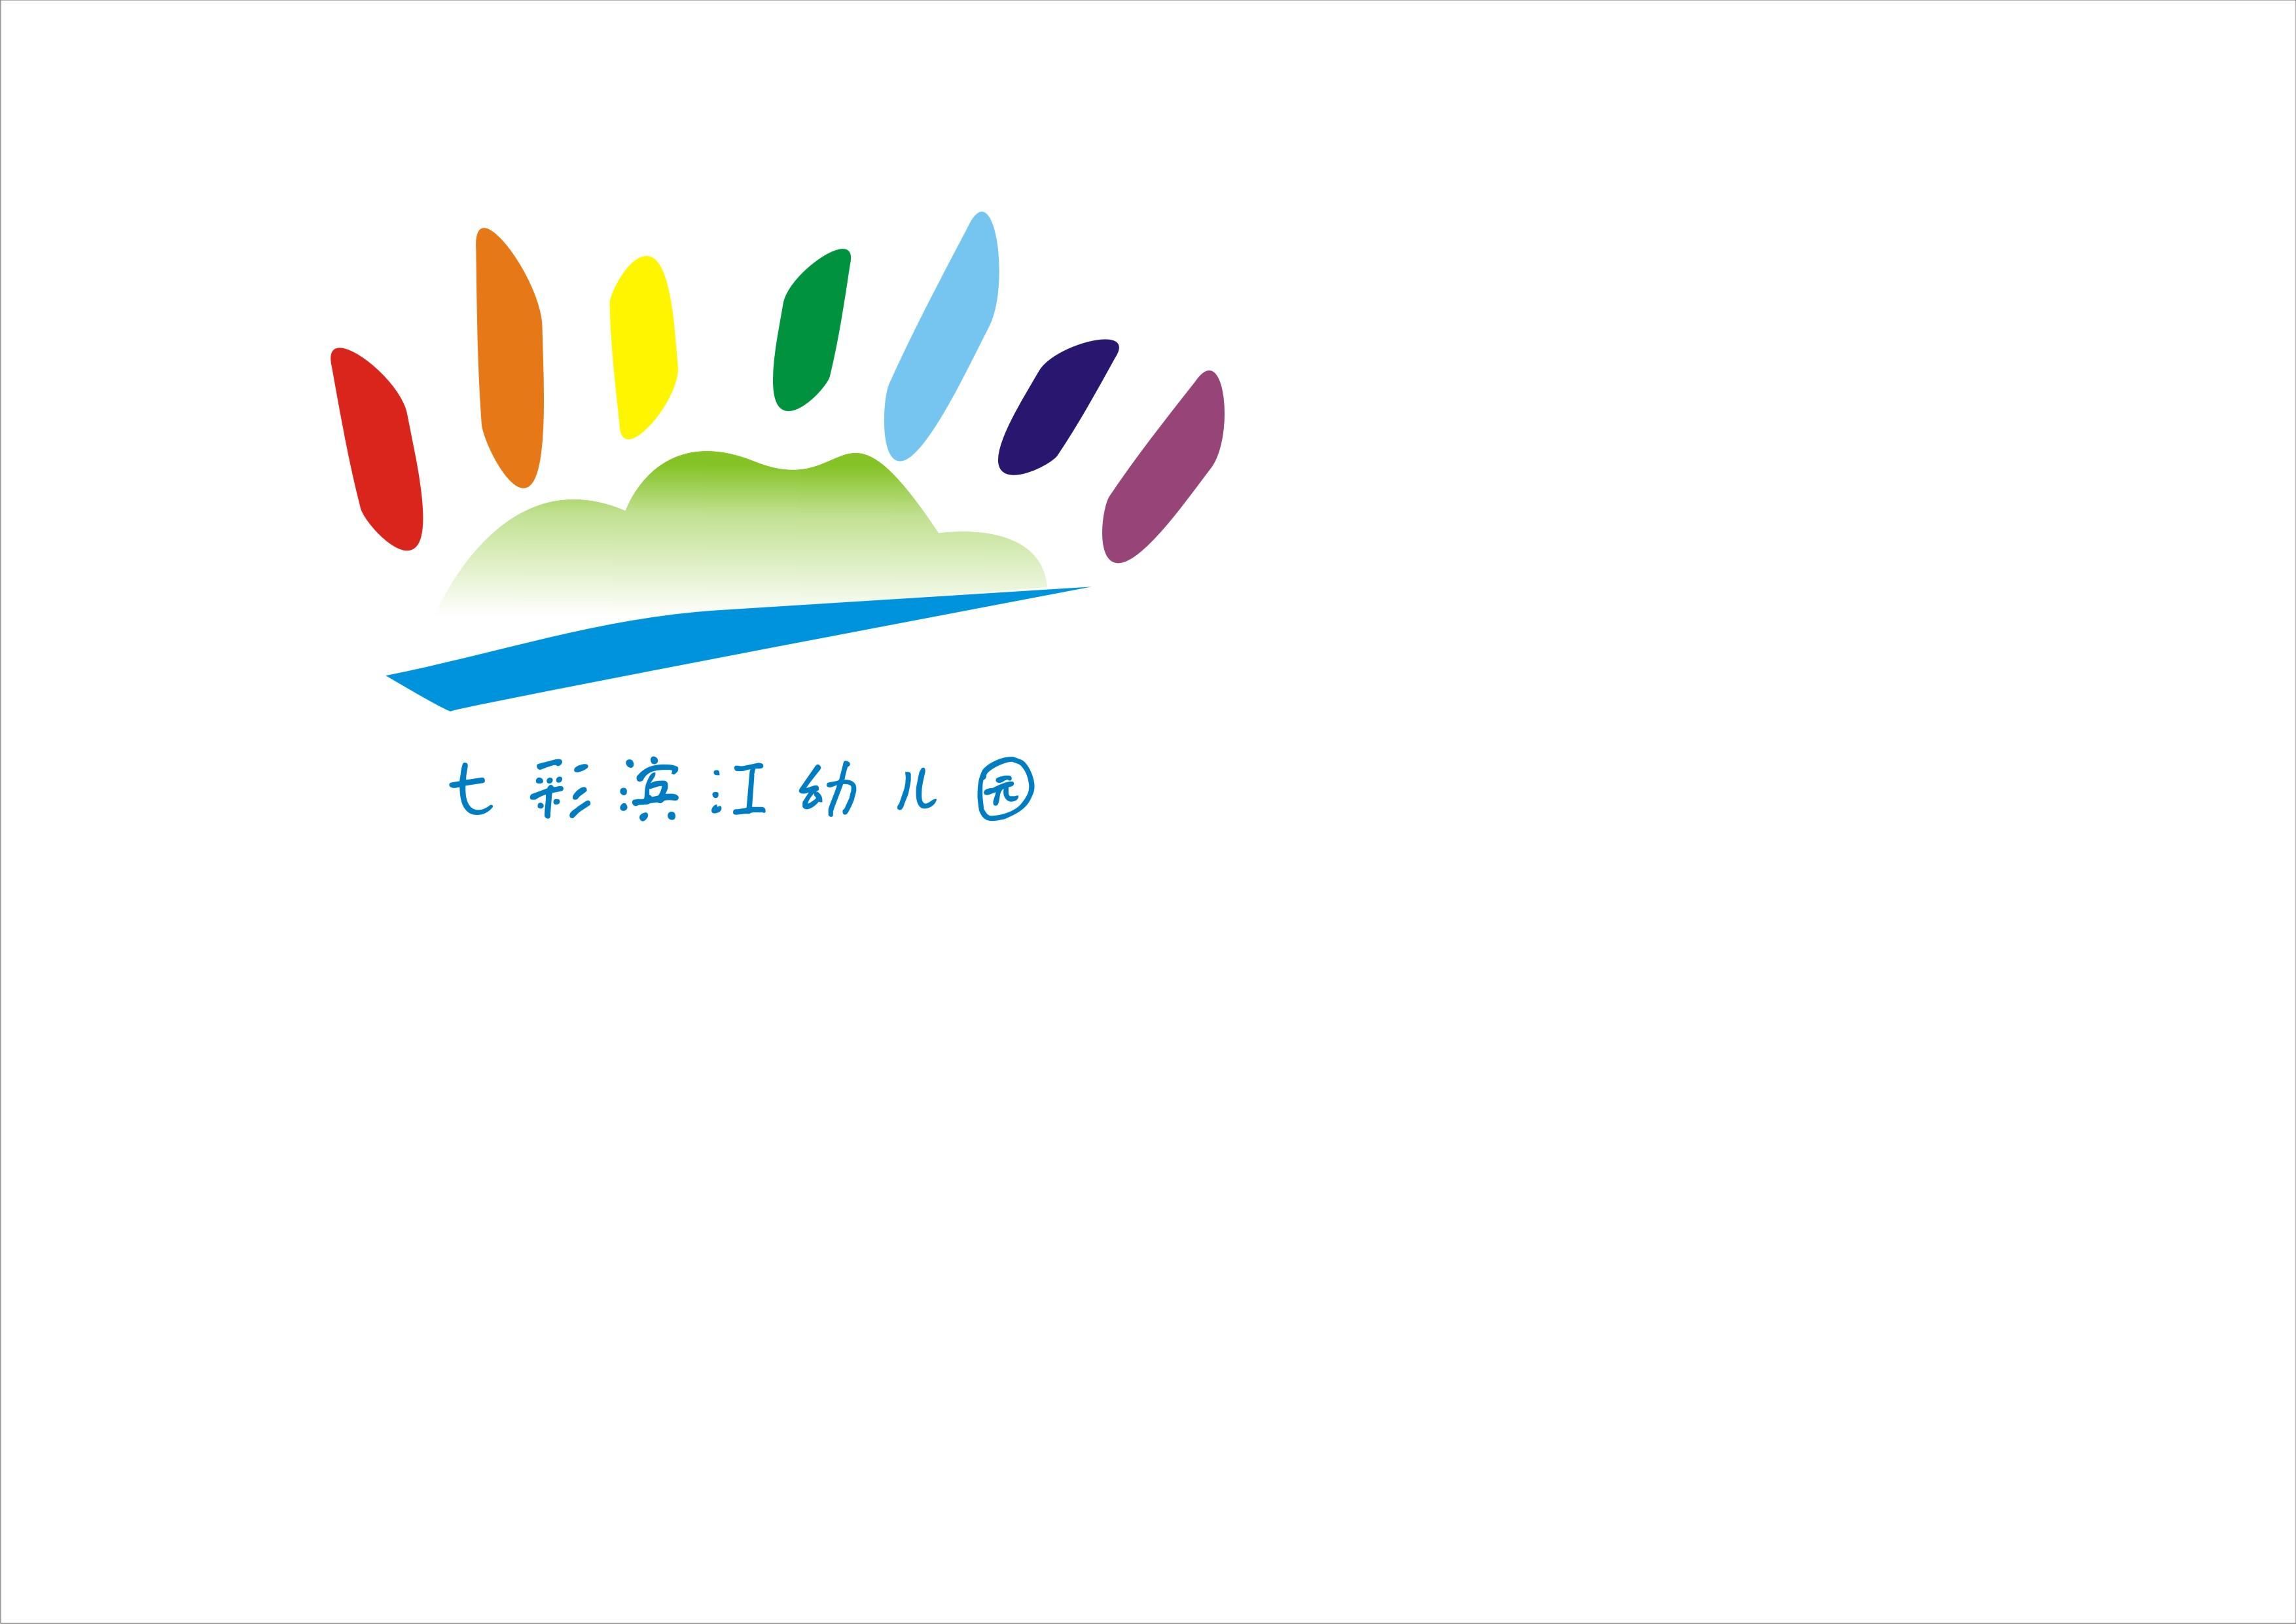 给幼儿园设计的logo